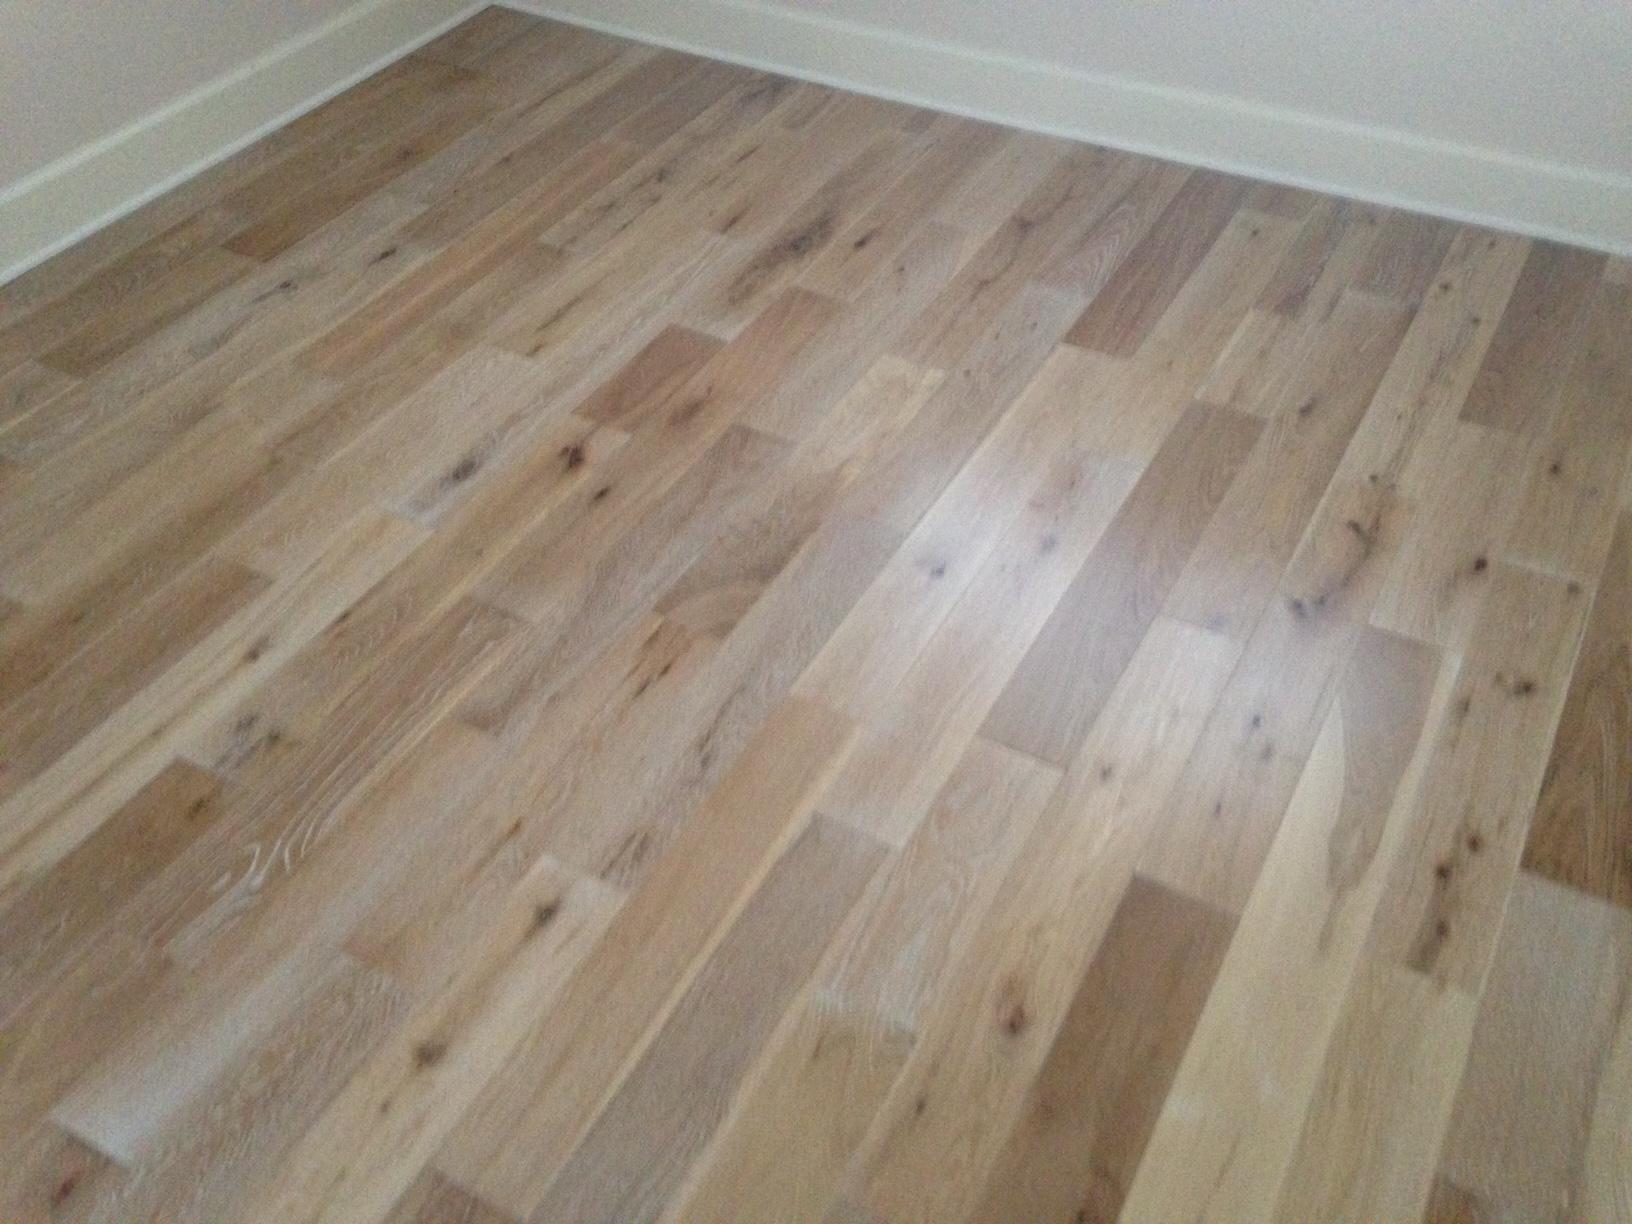 Engineered Hardwood Flooring in Ponte Vedra